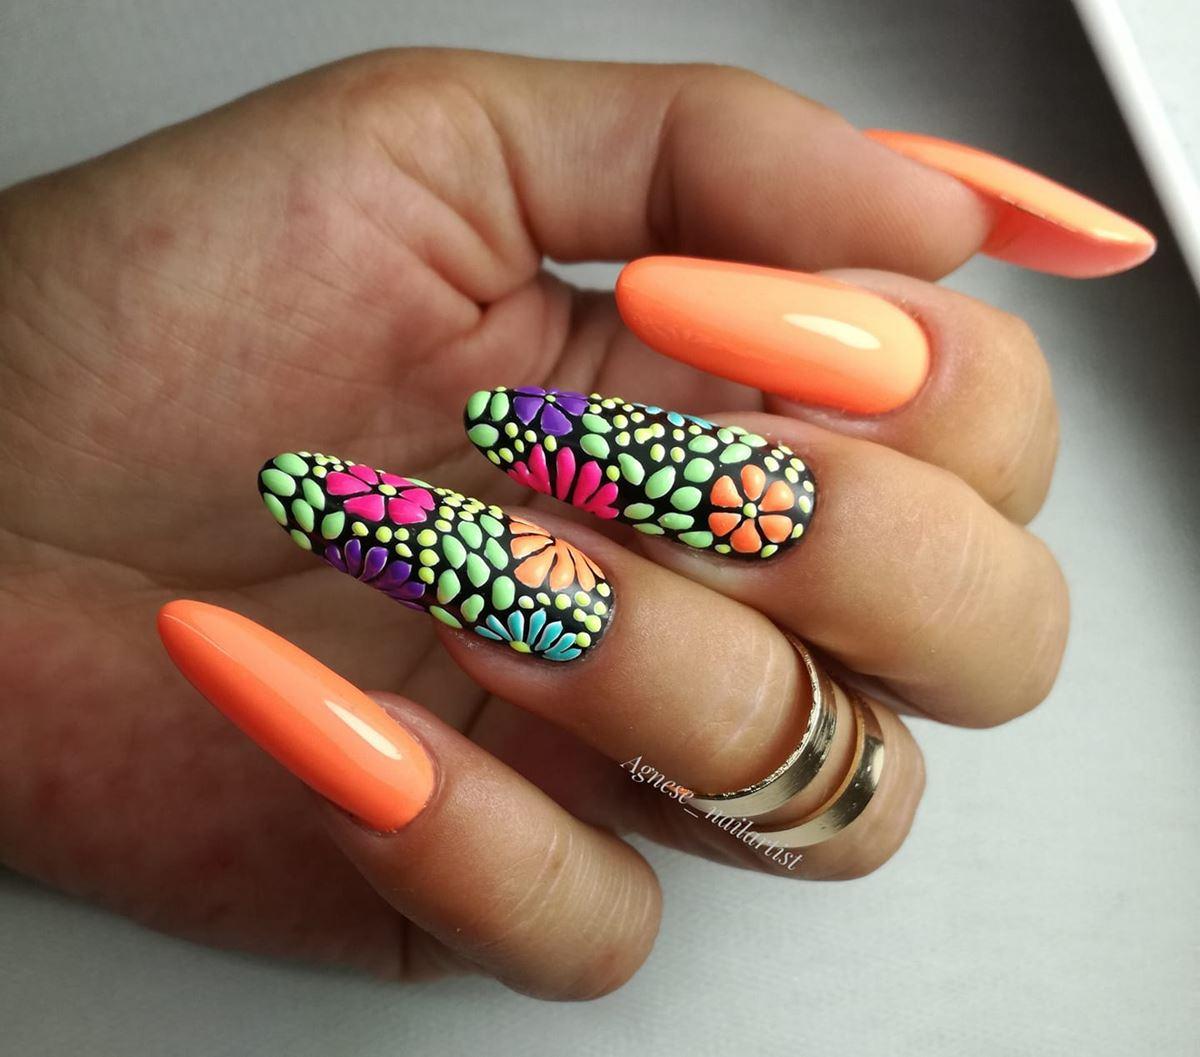 pomarańcz neonowy na paznokciach